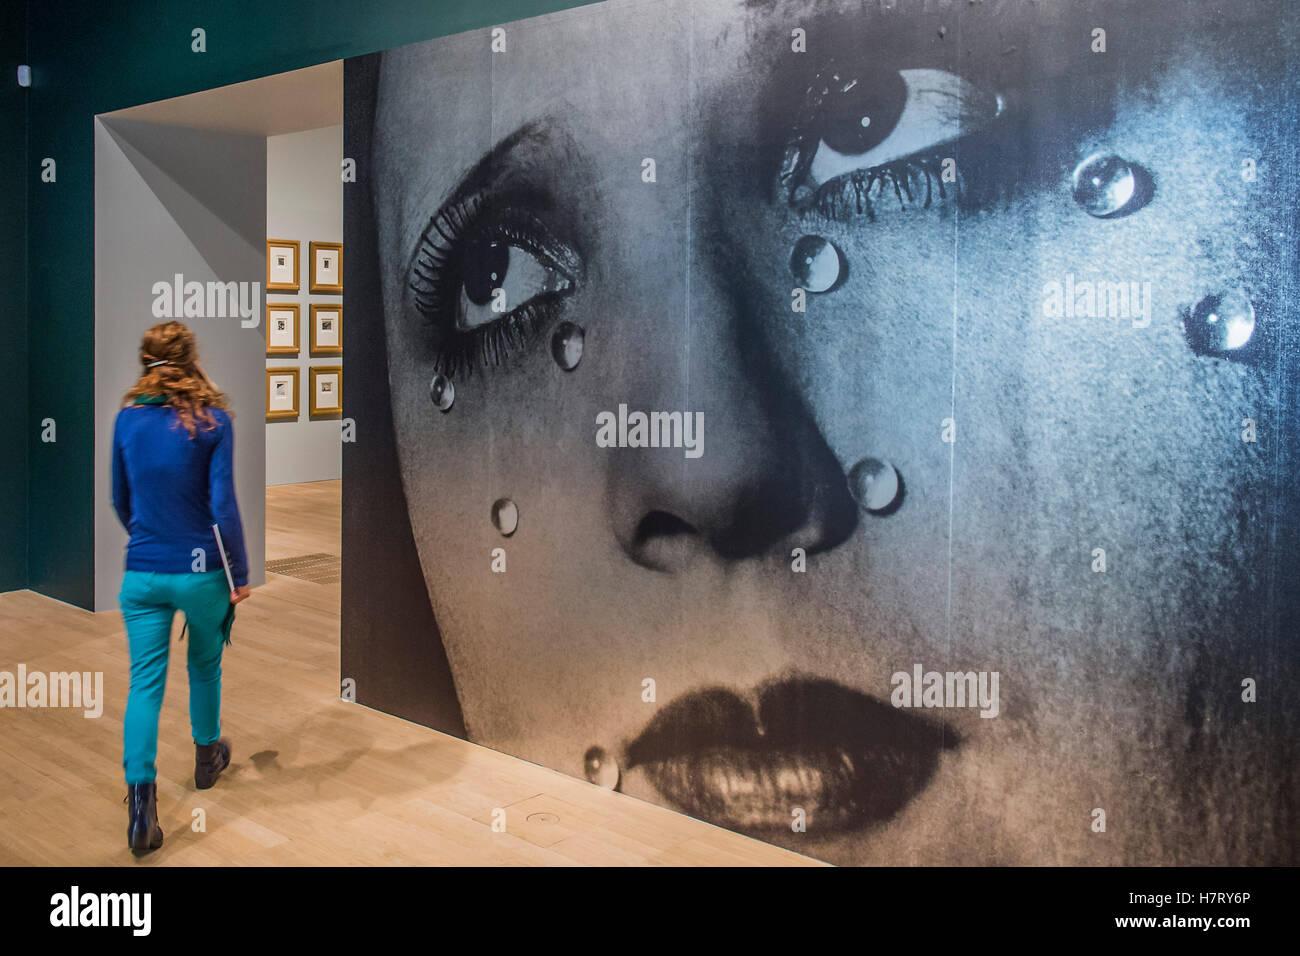 Londres, Reino Unido. 8 nov, 2016. Una versión gigante de lágrimas, 1932, por Man Ray en la entrada, el Radical Foto de stock